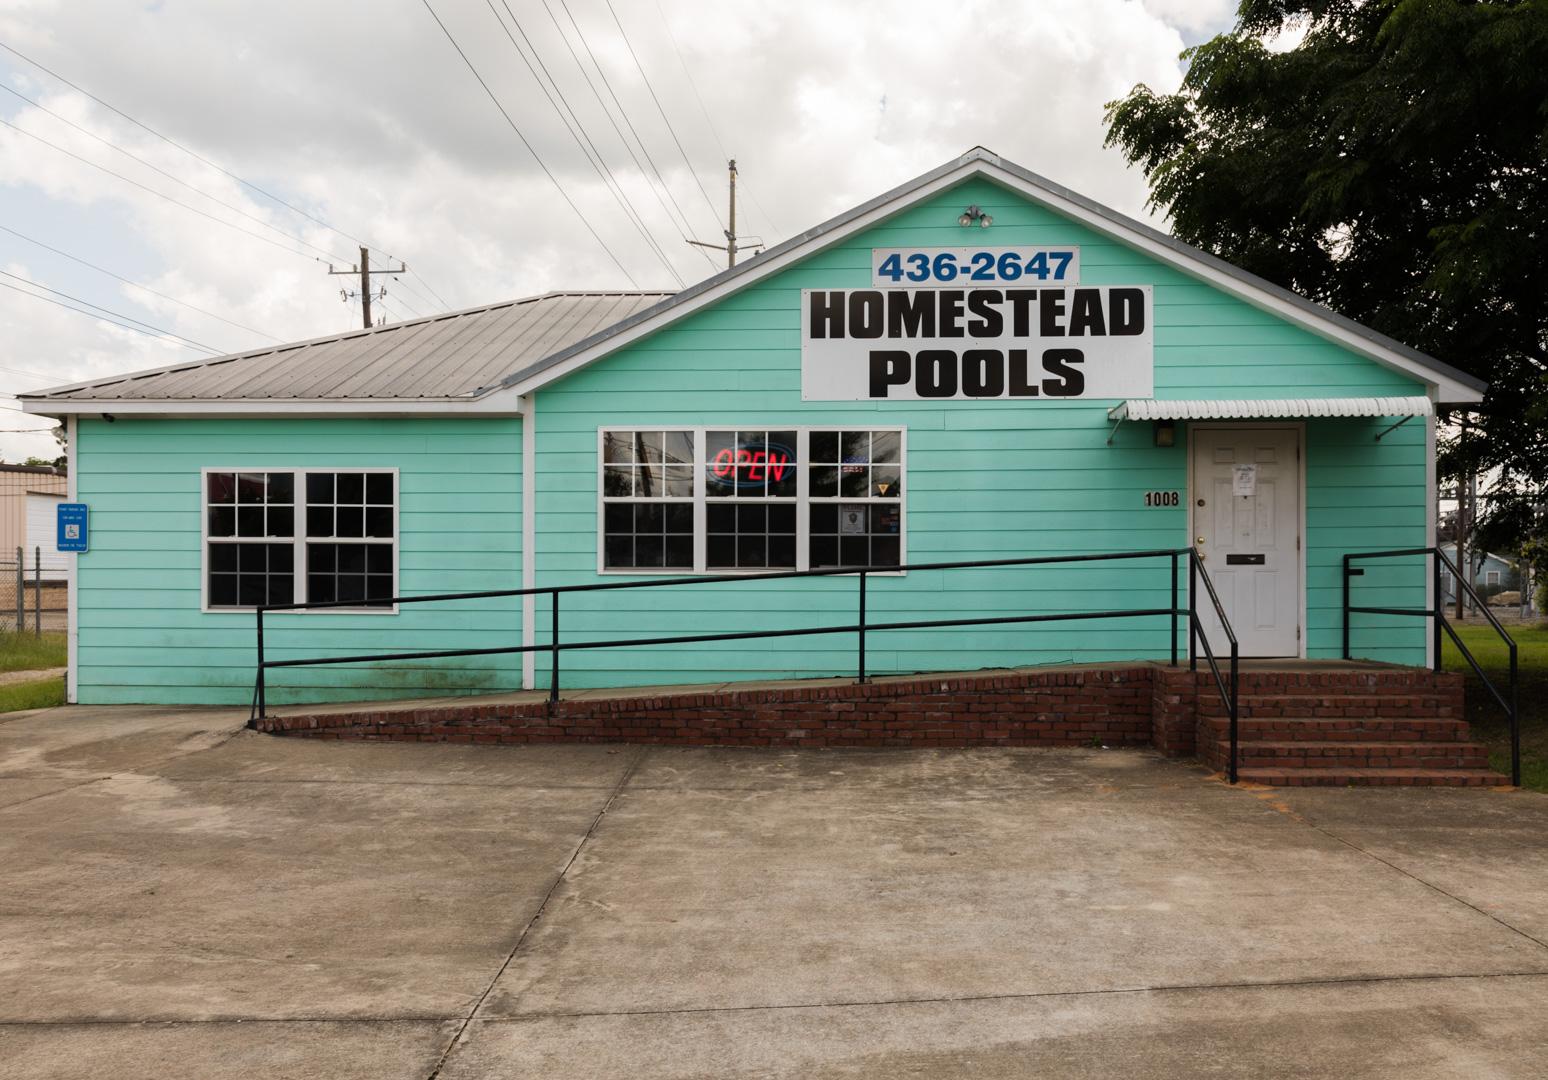 Homestead Pools, 2018. -